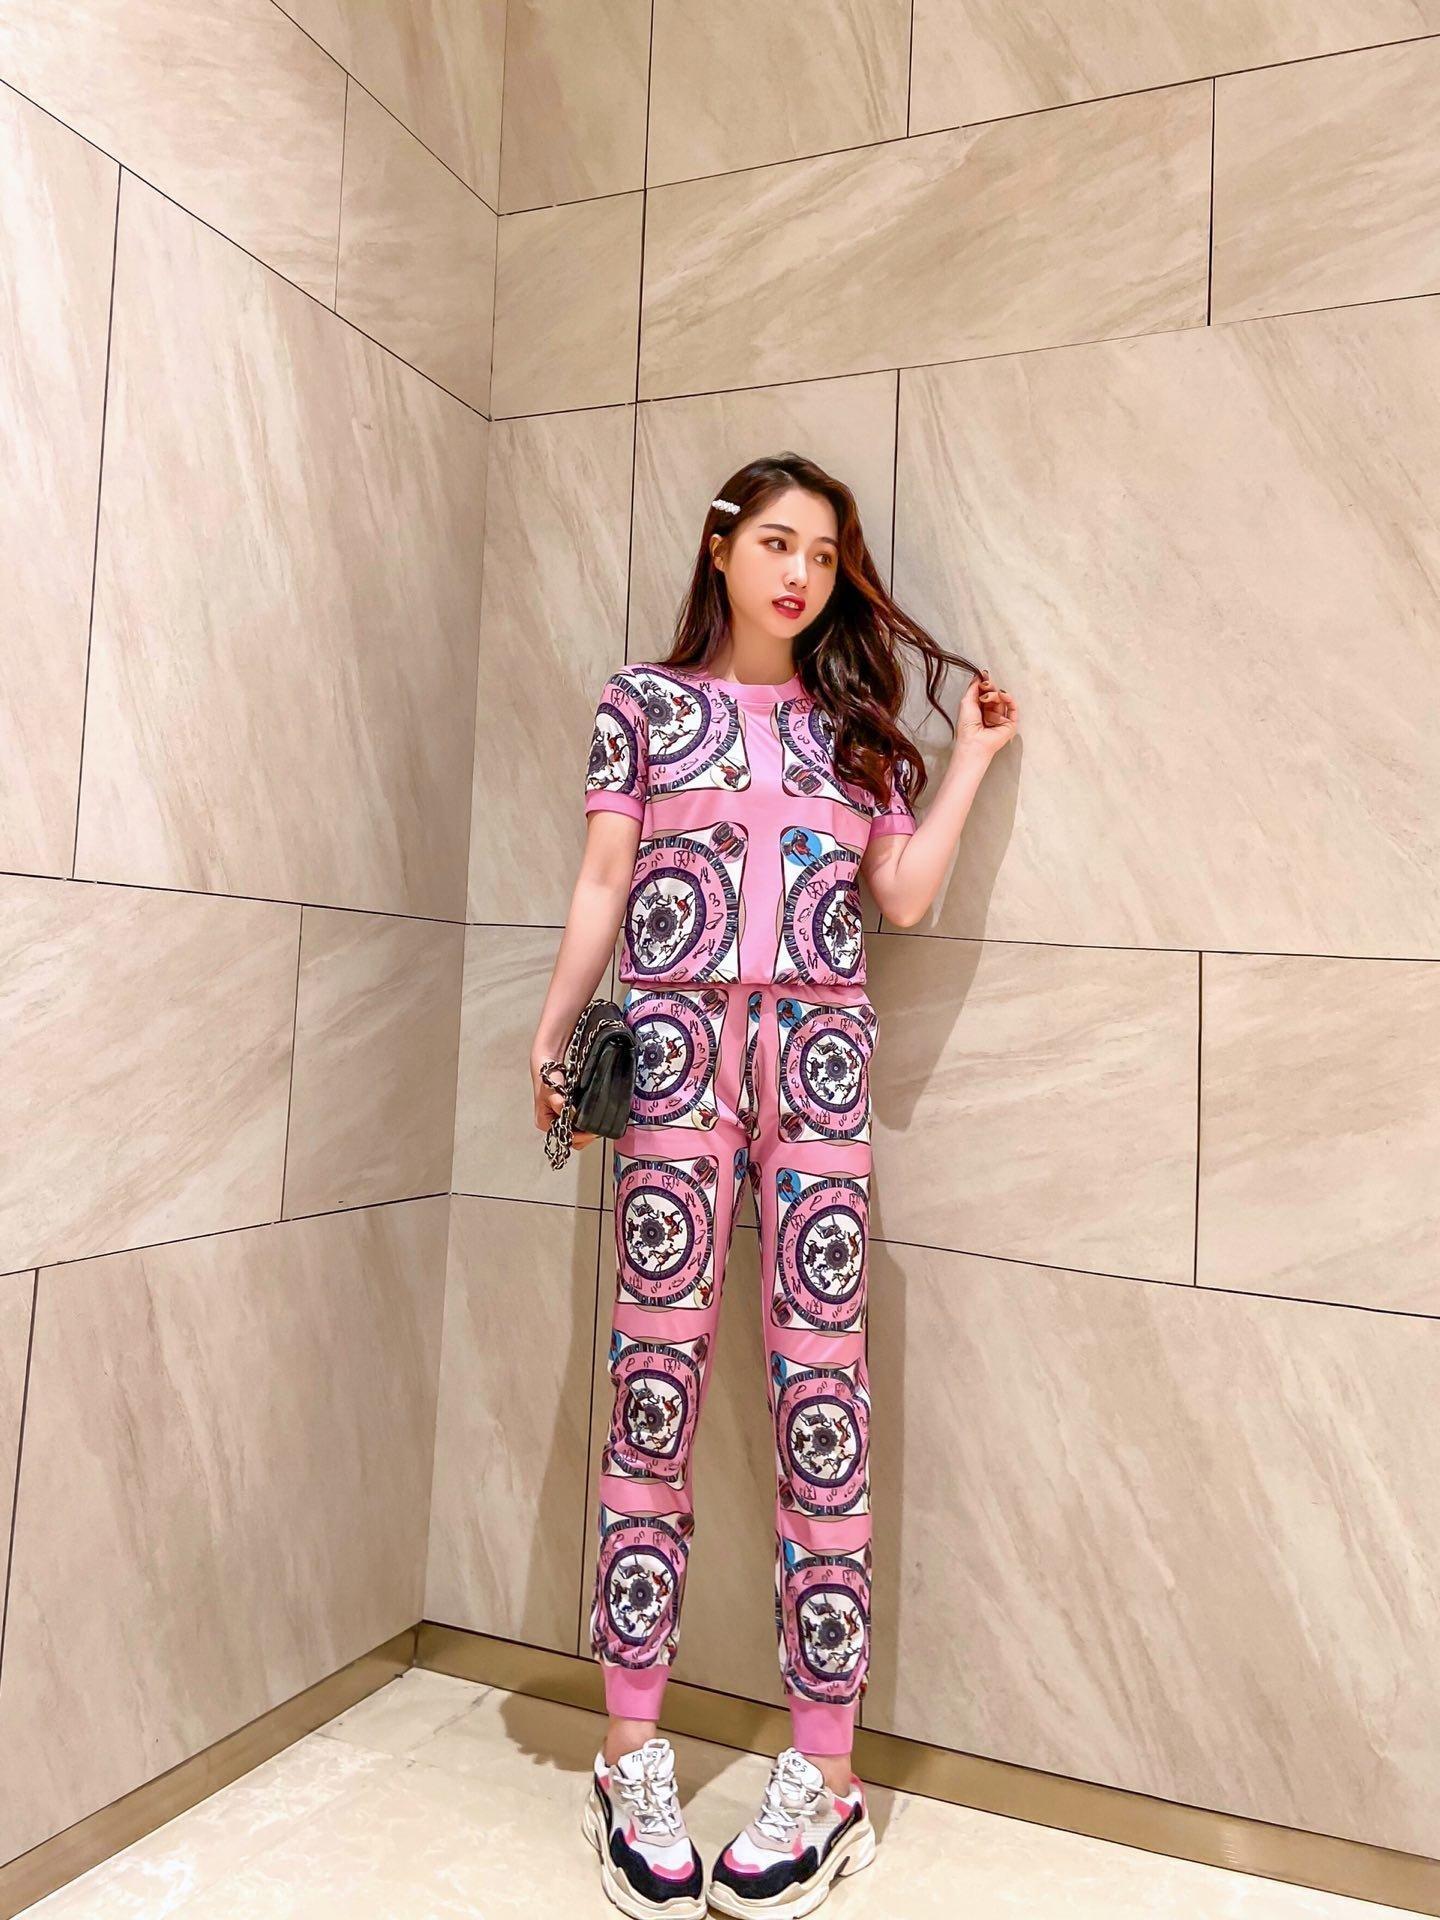 2020 de alta calidad de las señoras pantalones conjuntos tops + Pantalones 2 piezas de primavera y verano casual conjuntos de ropa de moda JA94 l_sun